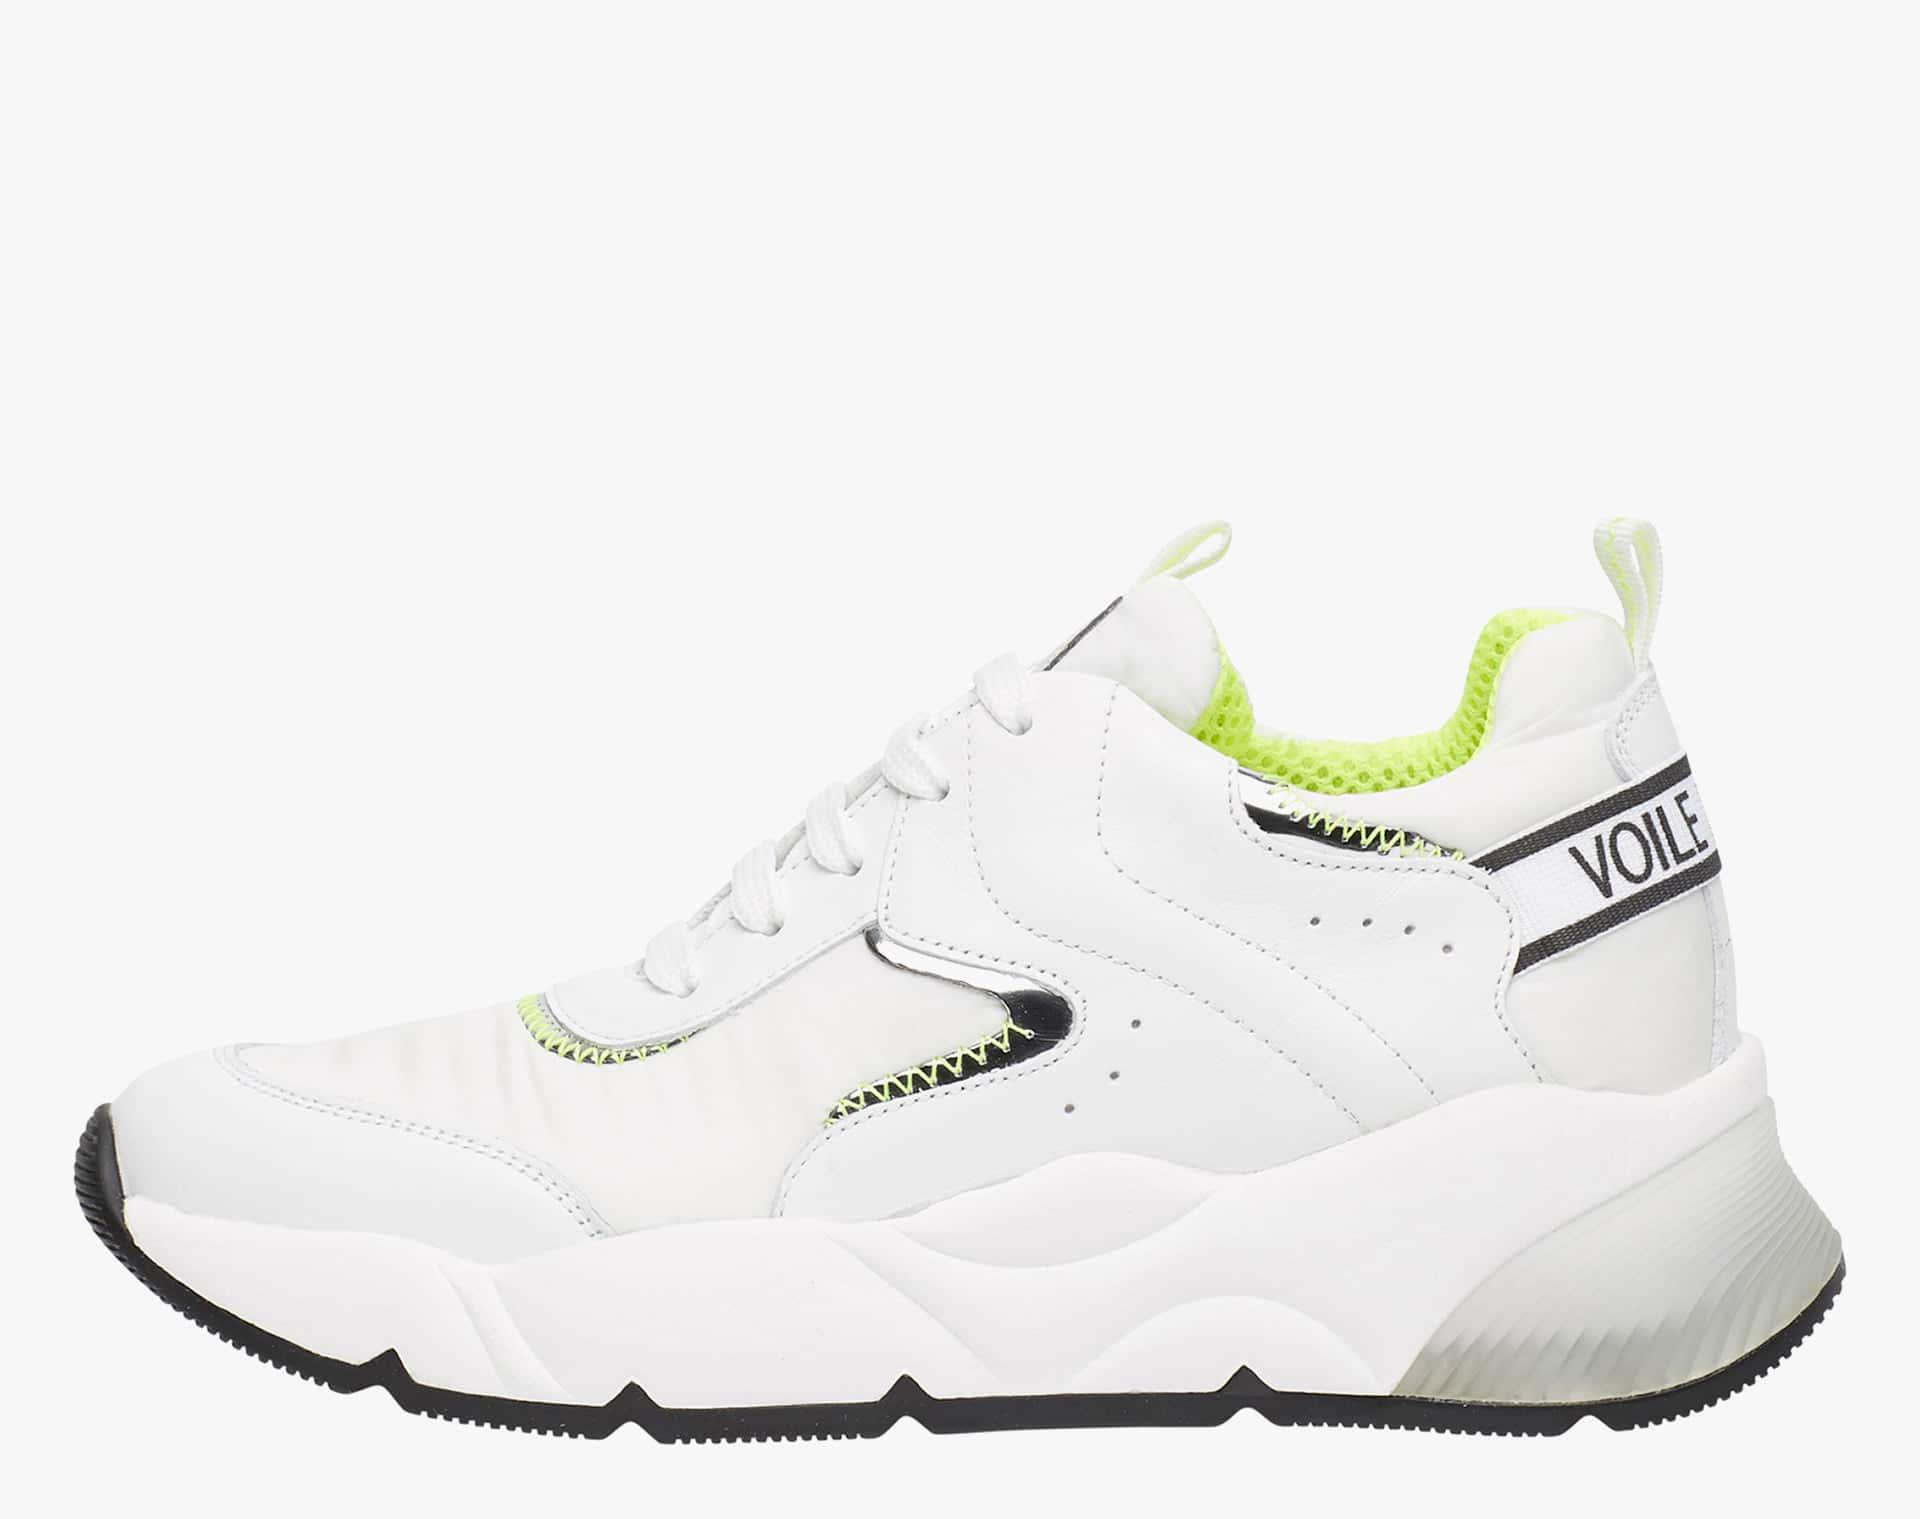 JENNIE - Sneaker in vitello e tessuto tecnico - Bianco/Giallo Fluo